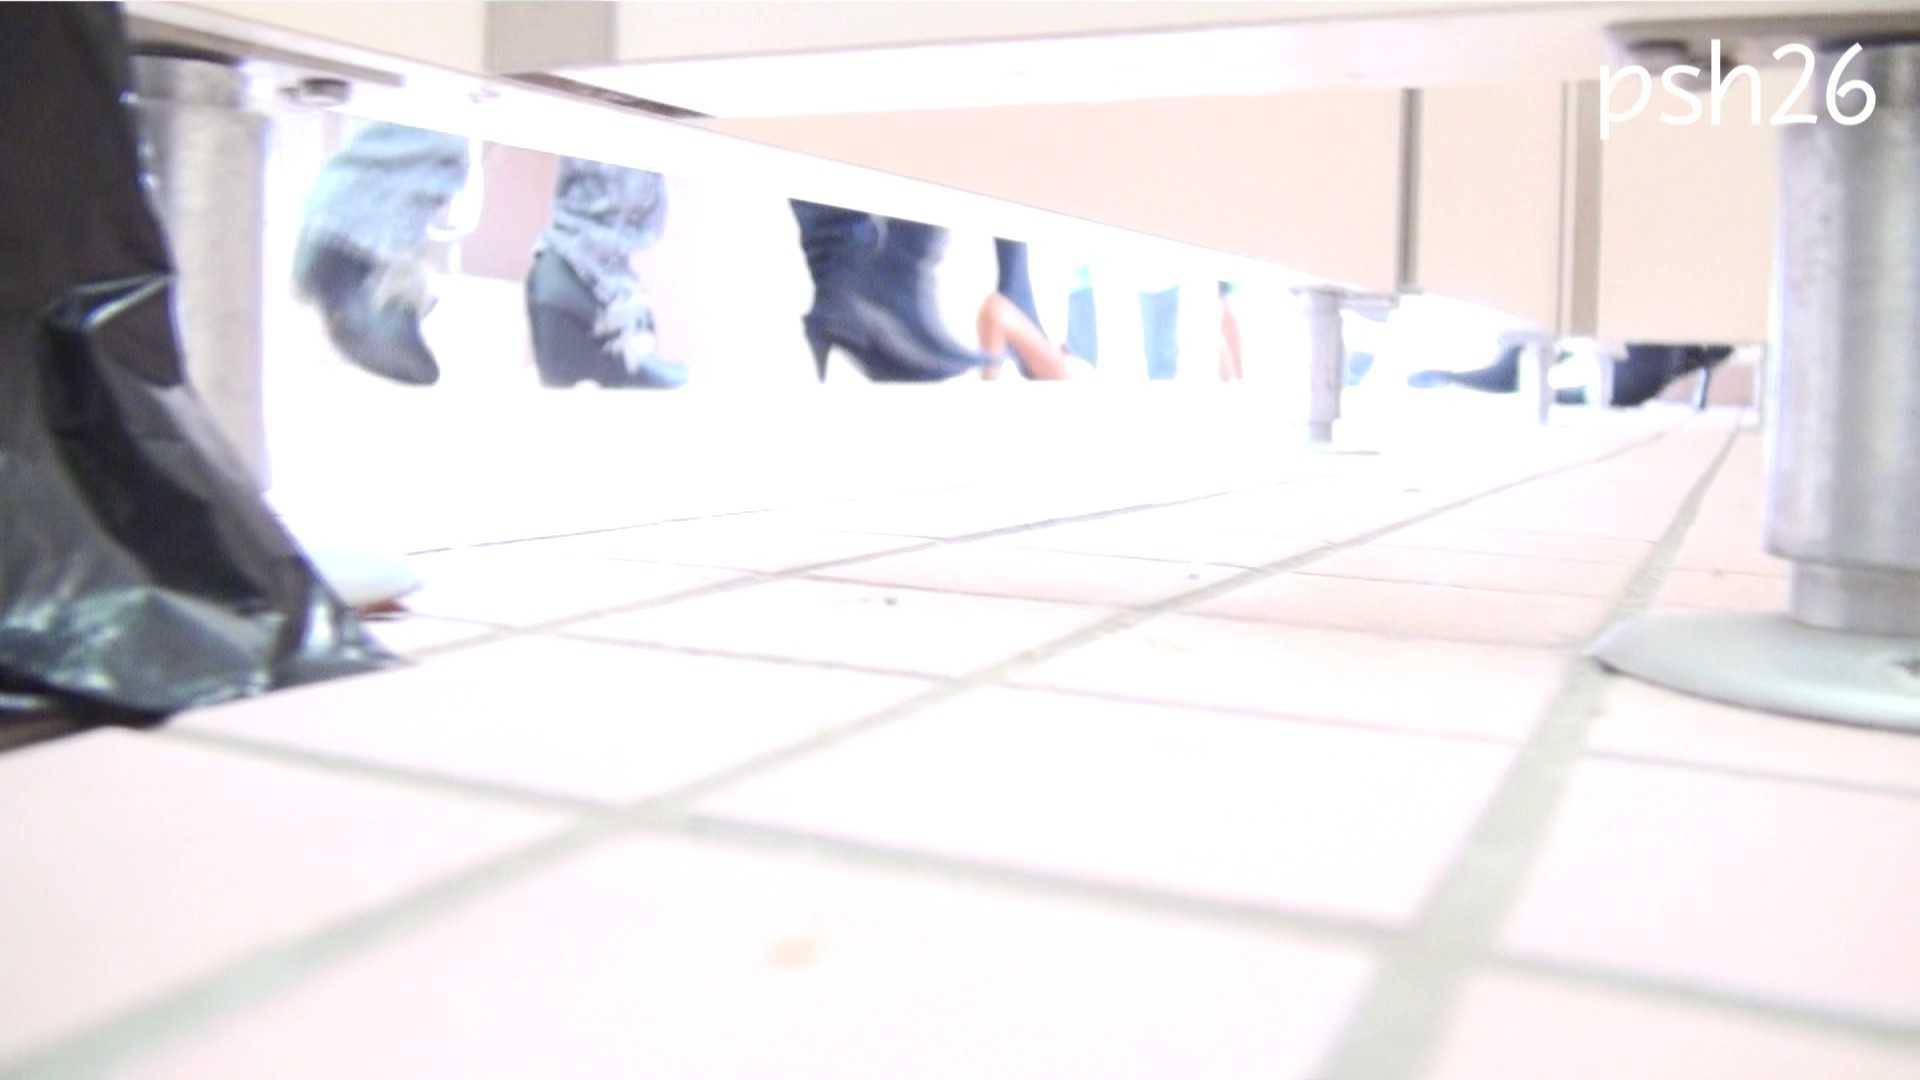 ▲復活限定▲ハイビジョン 盗神伝 Vol.26 盗撮エロすぎ | 洗面所着替え  80連発 28